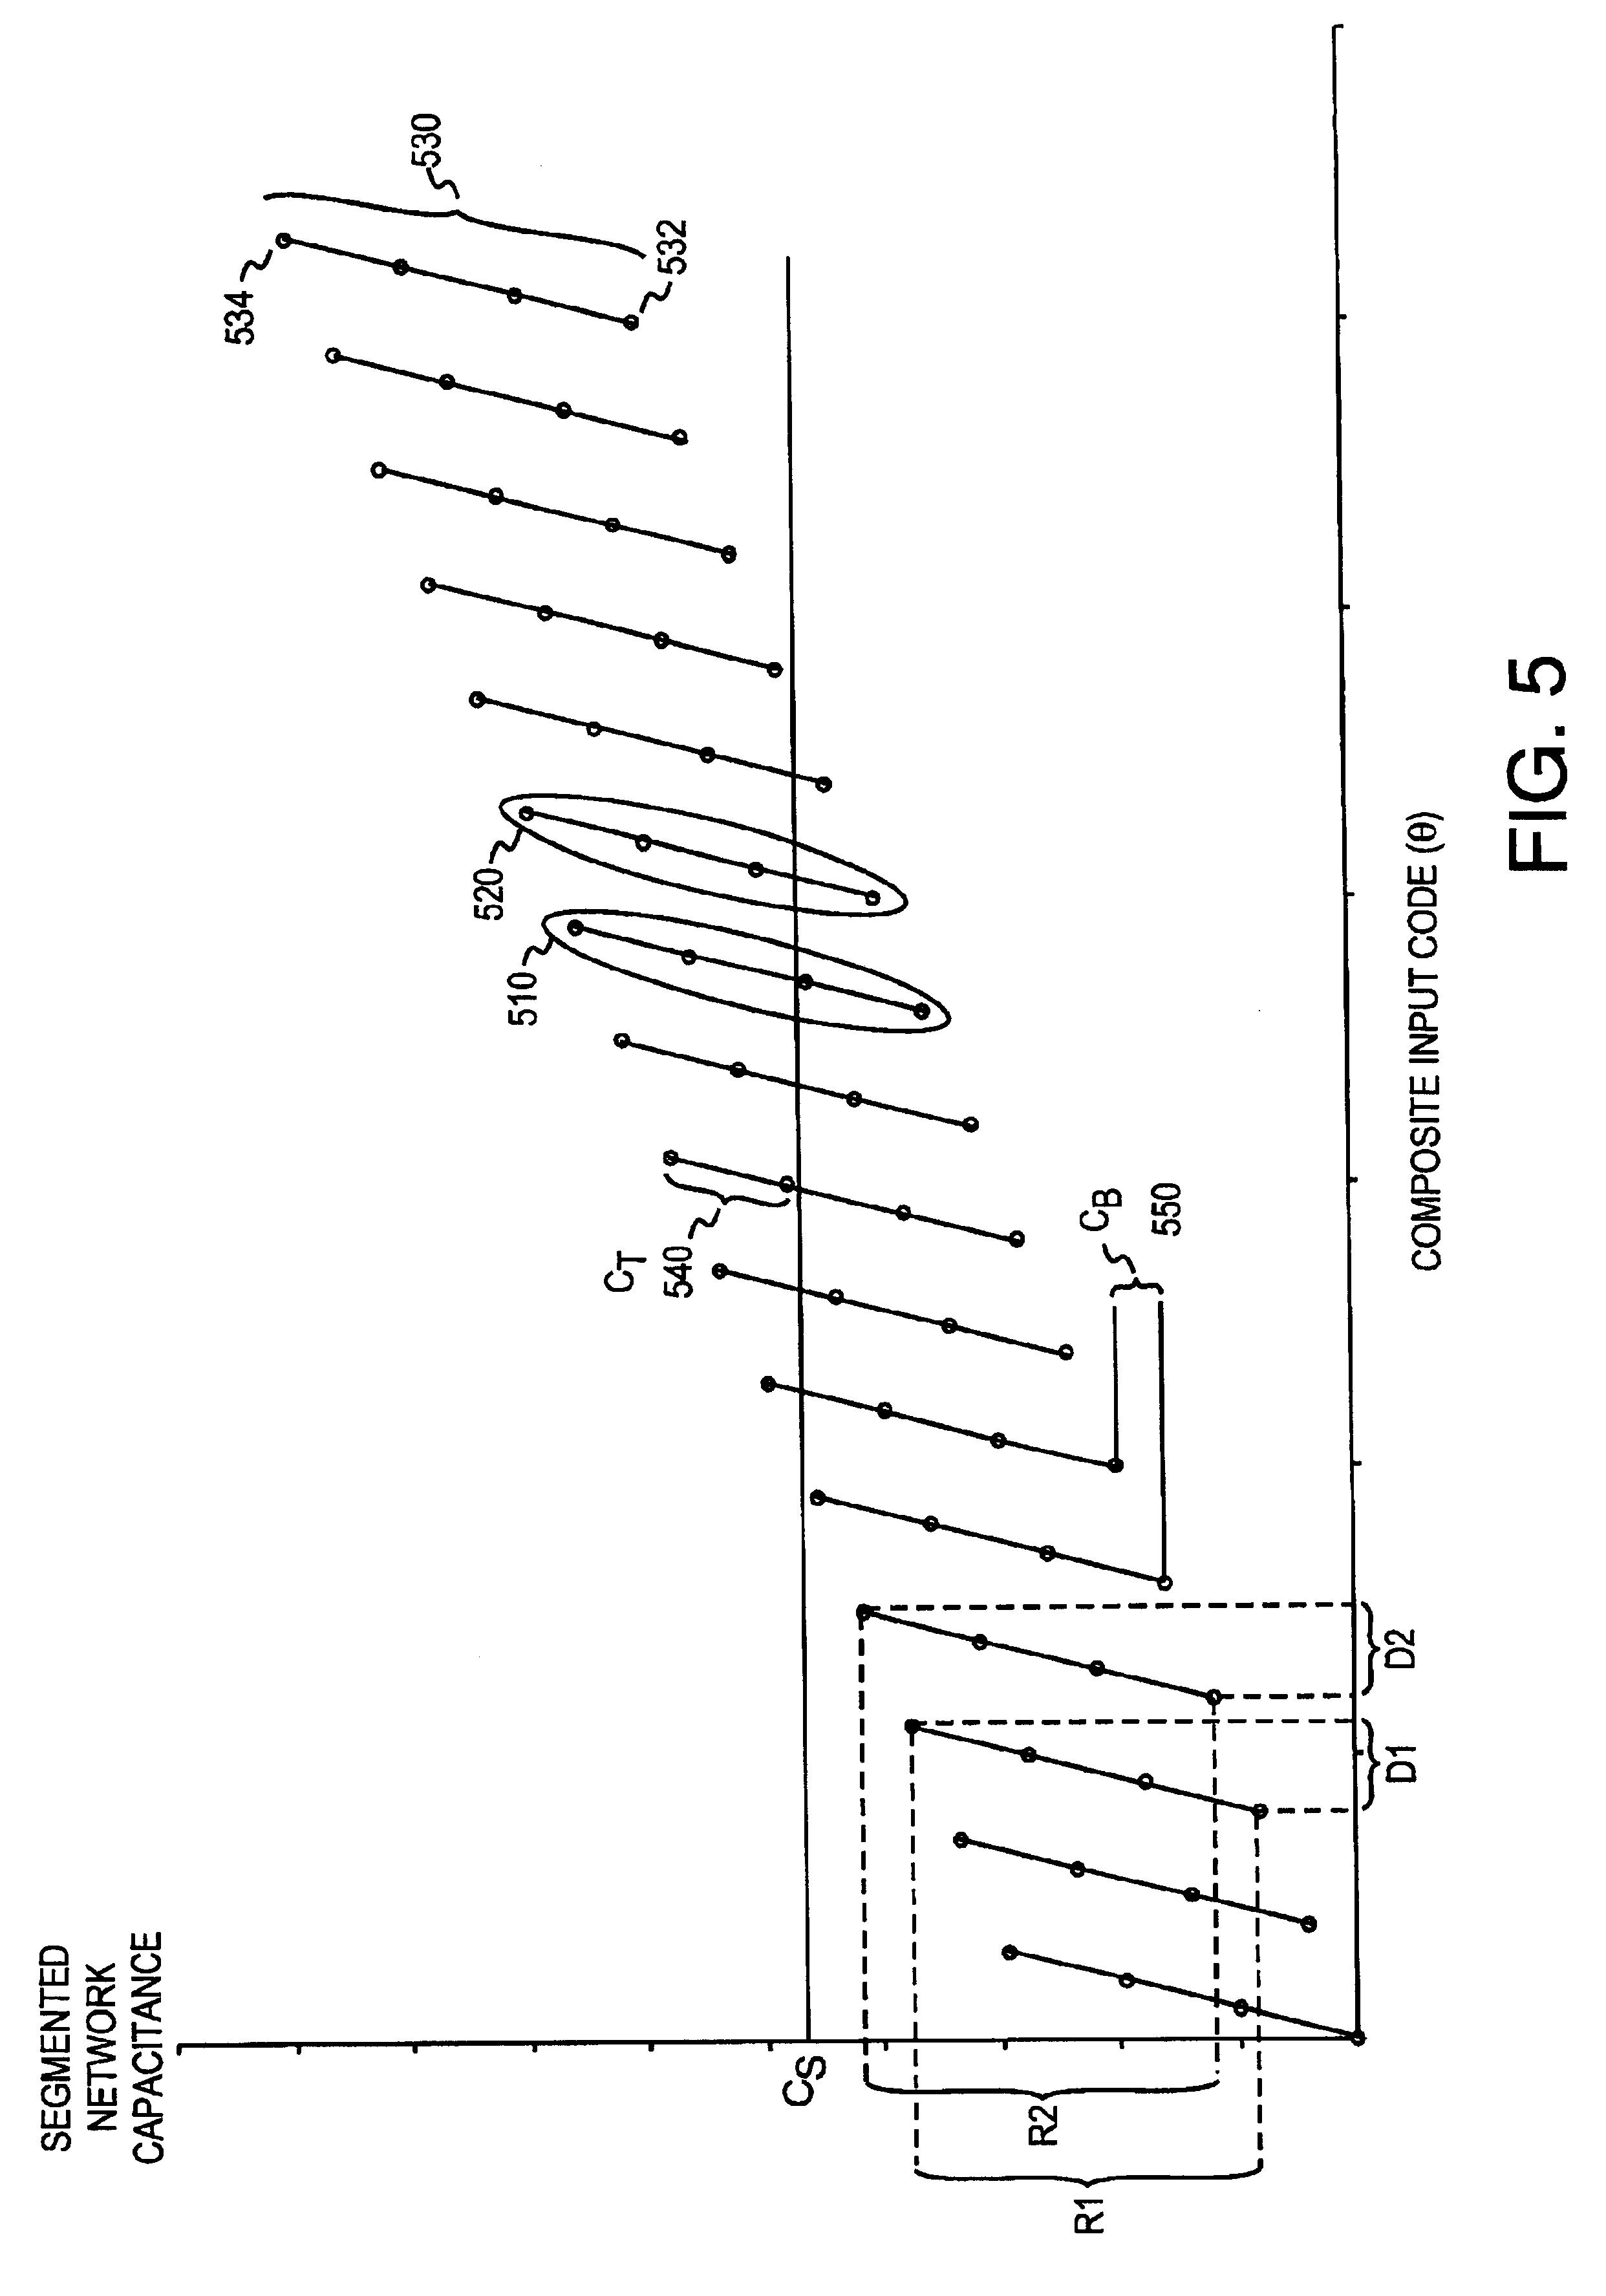 patent us6747522